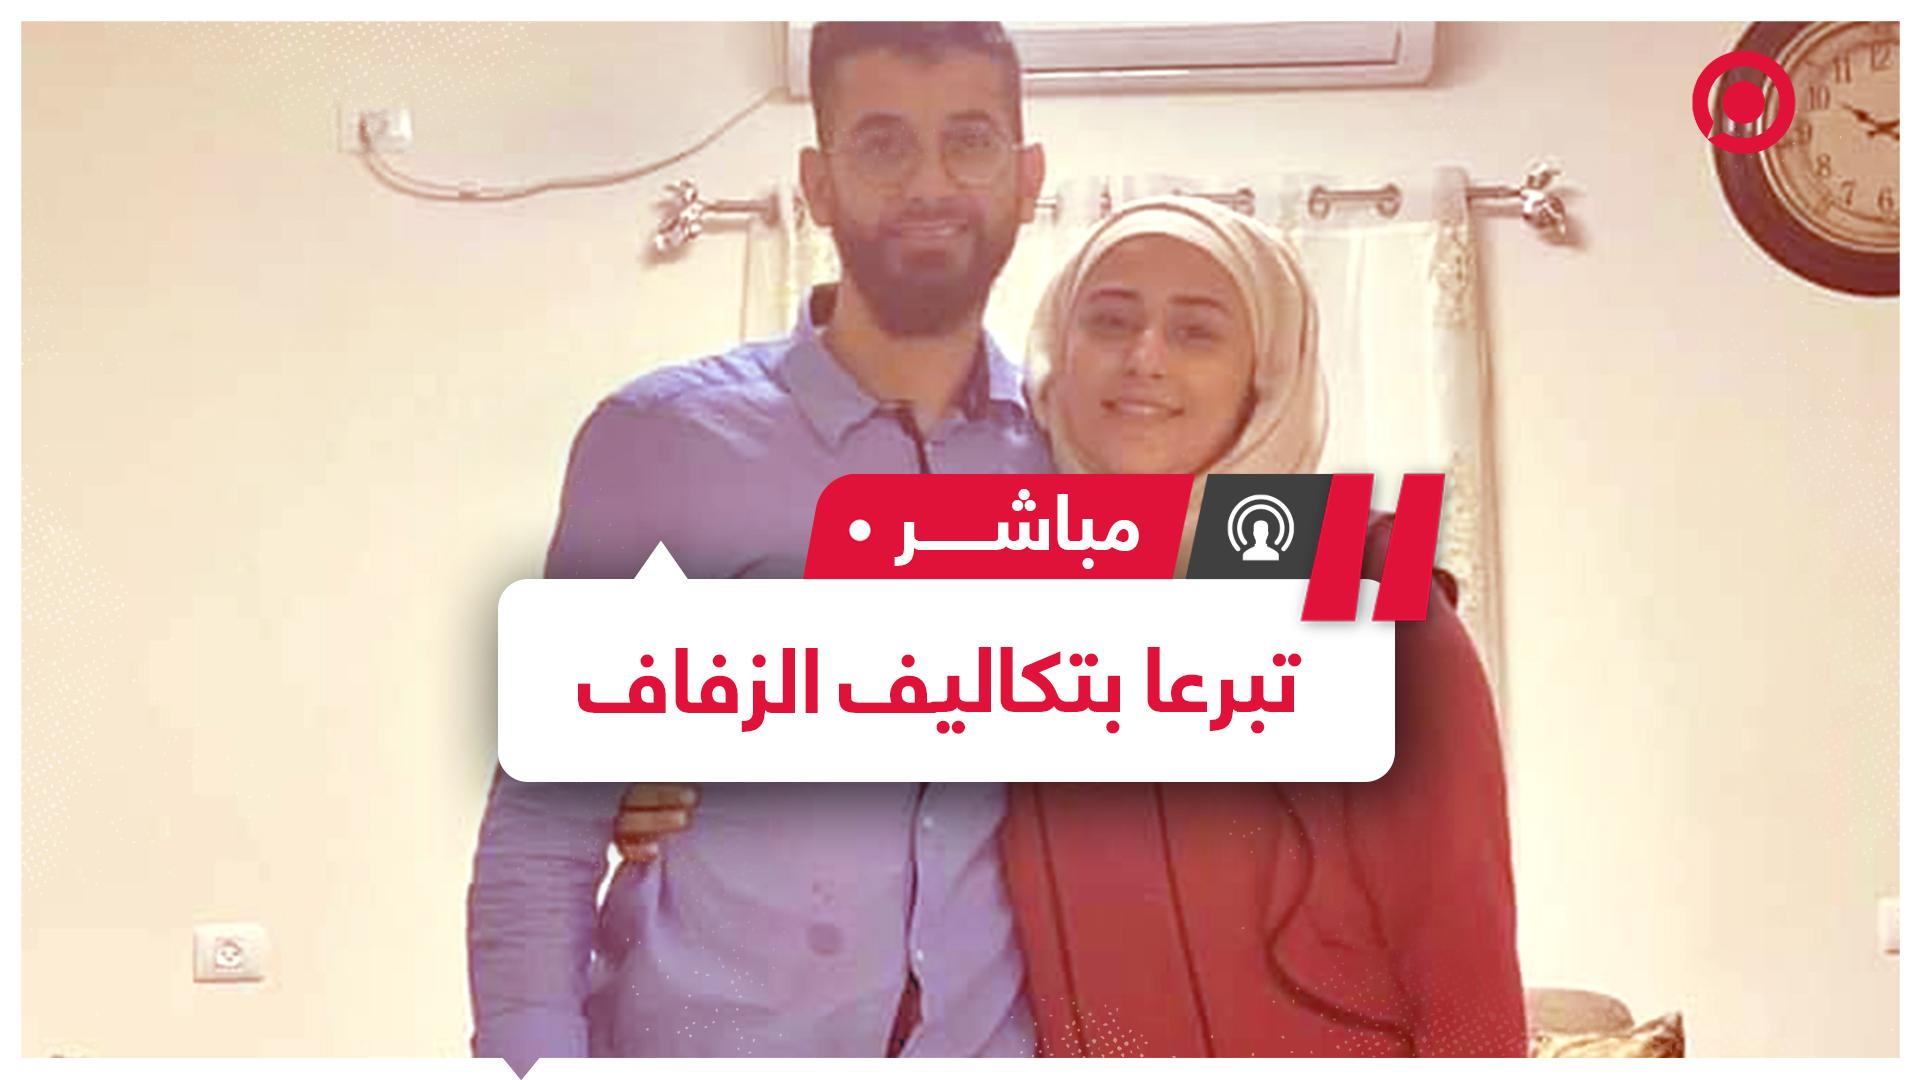 زوجان يلغيان حفل زفافهما من أجل مساعدة المحتاجين